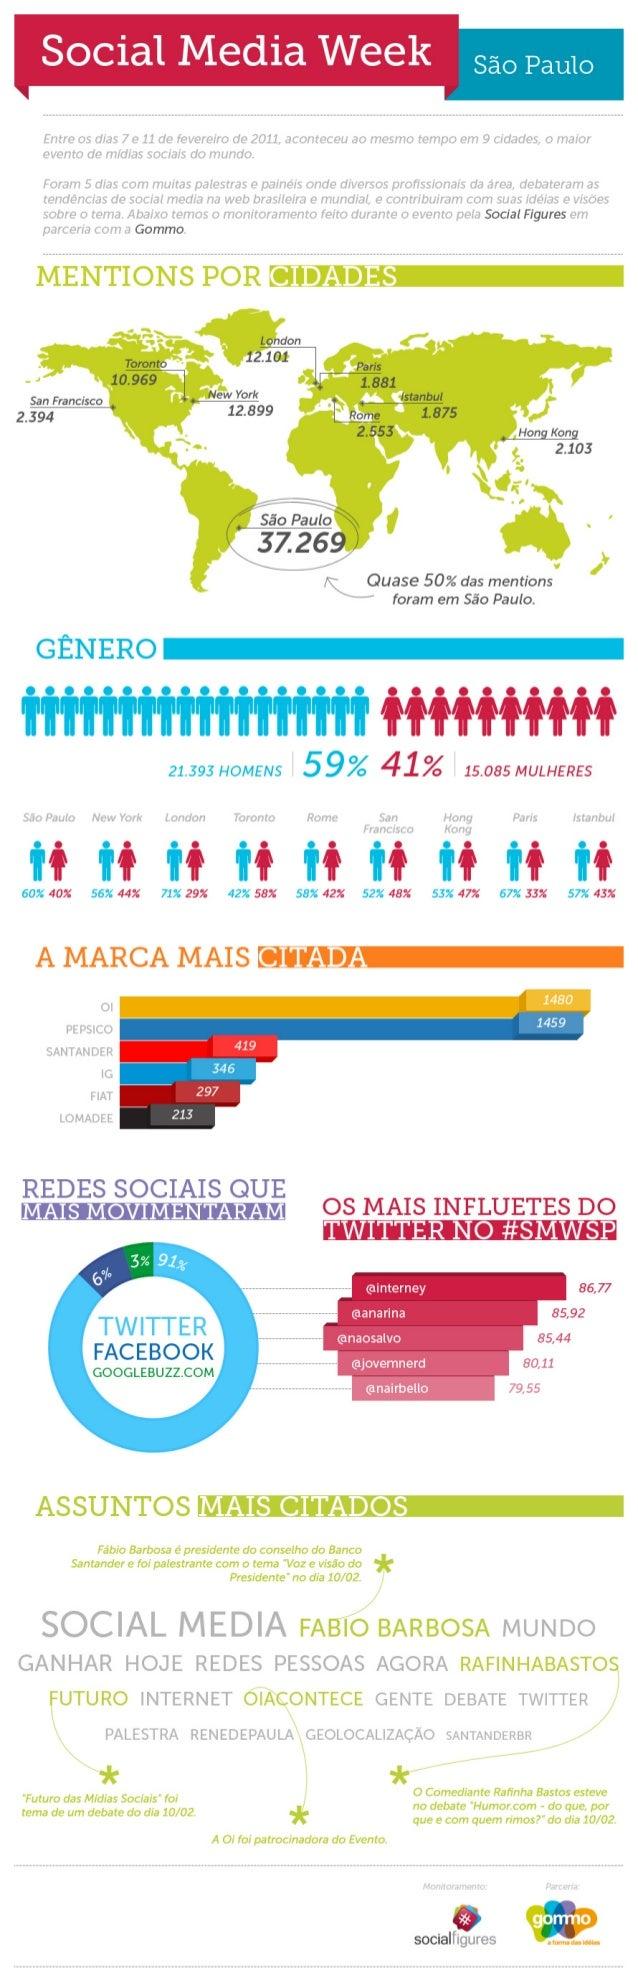 Infográfico Social Media Week São Paulo 2011